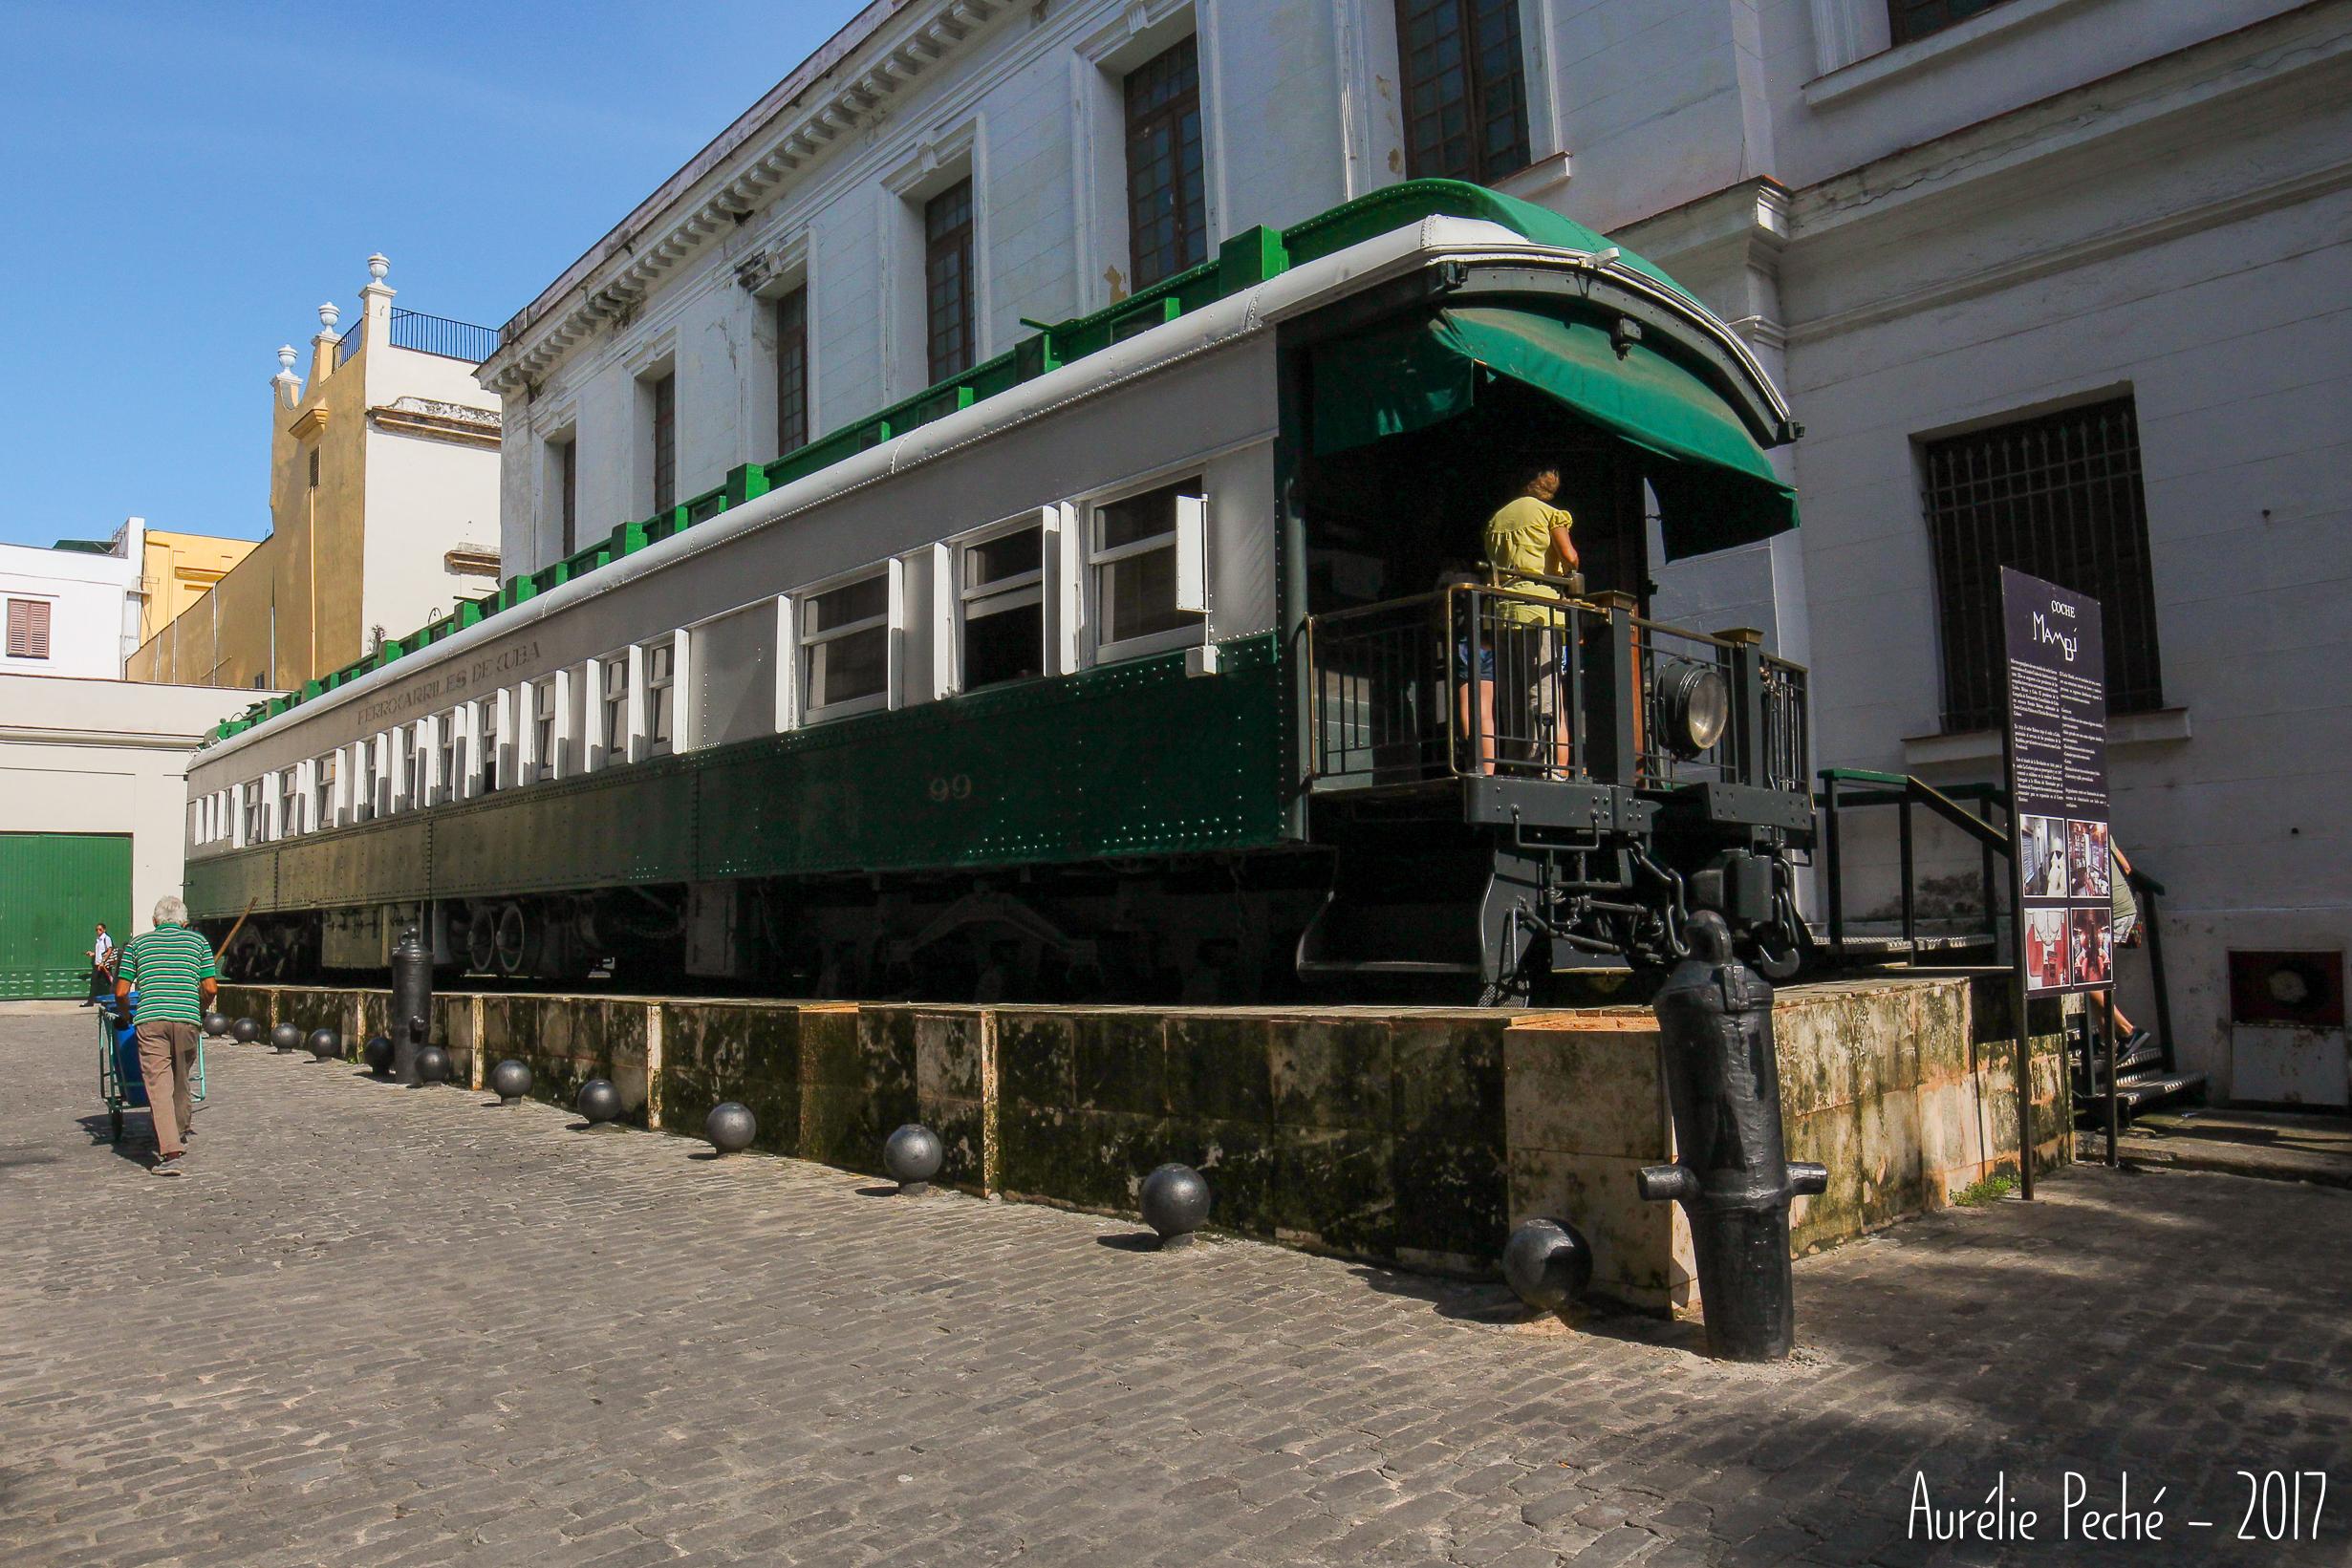 L'ancien wagon présidentiel Coche Mambi, aujourd'hui mini musée en accès libre.